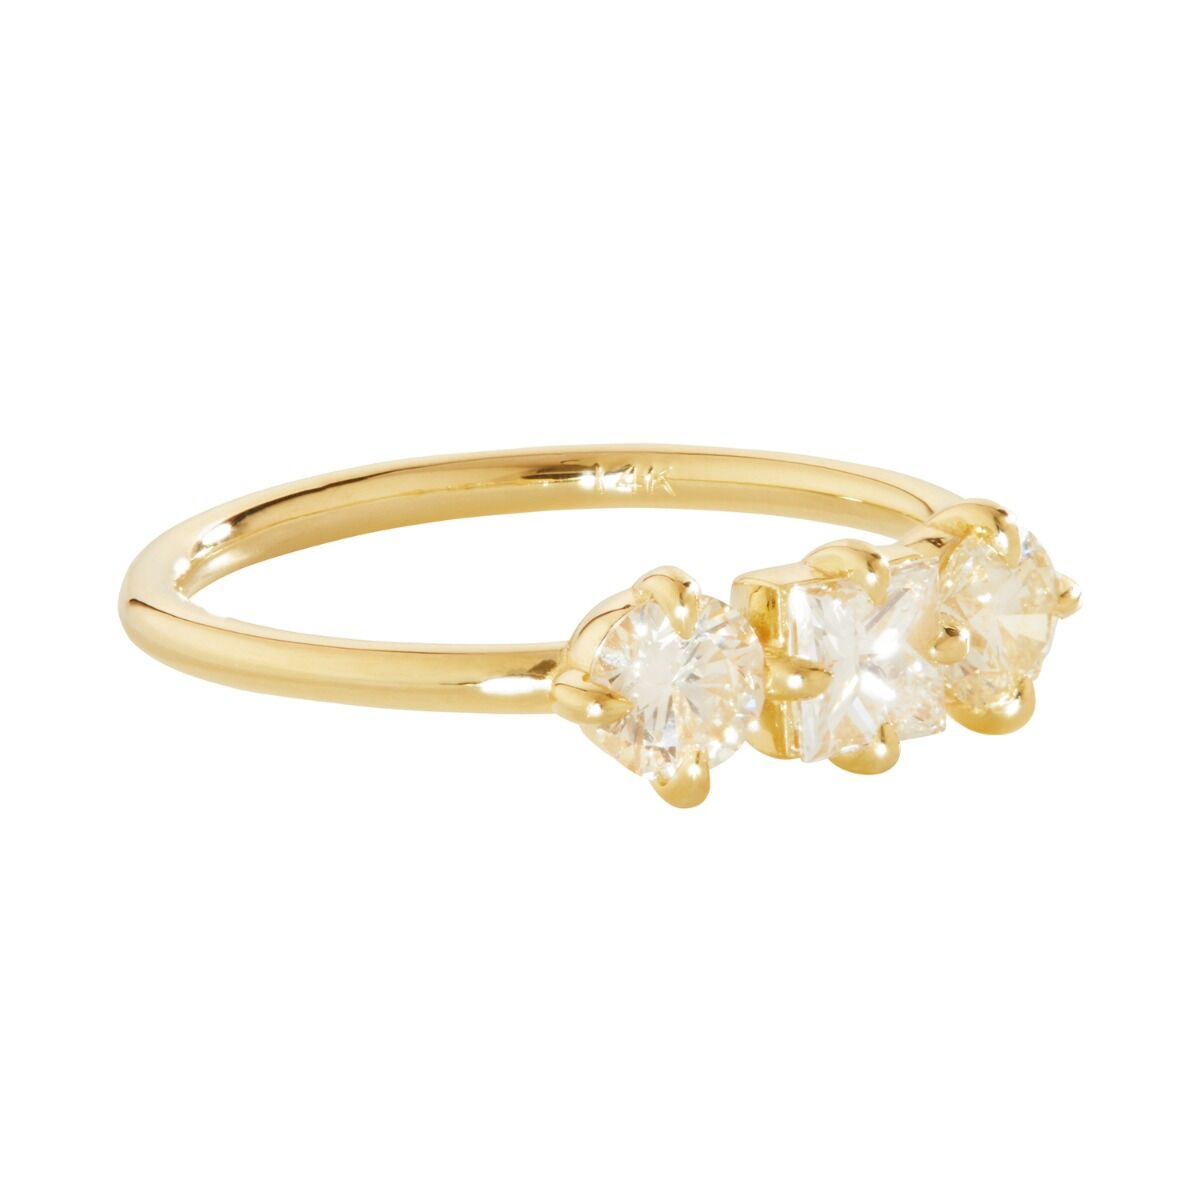 Trilogy Diamond Ring image